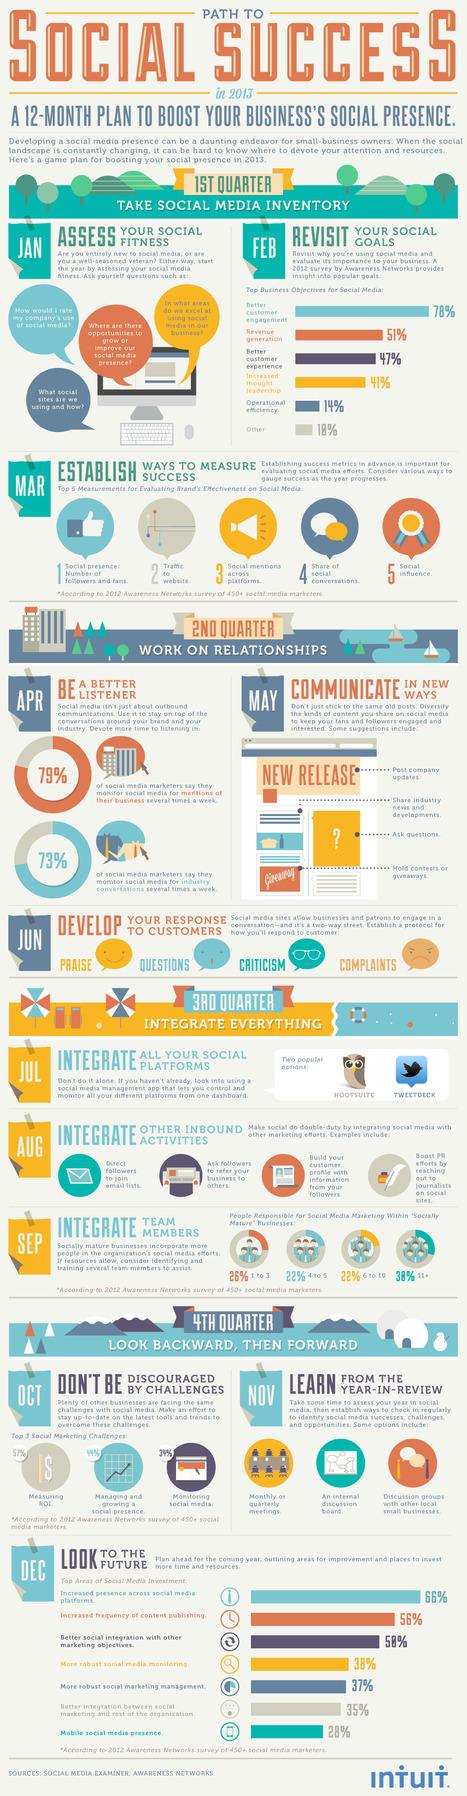 Etes-vous prêt à mettre en place une stratégie Social Media? | Communication - Marketing - Web | Scoop.it